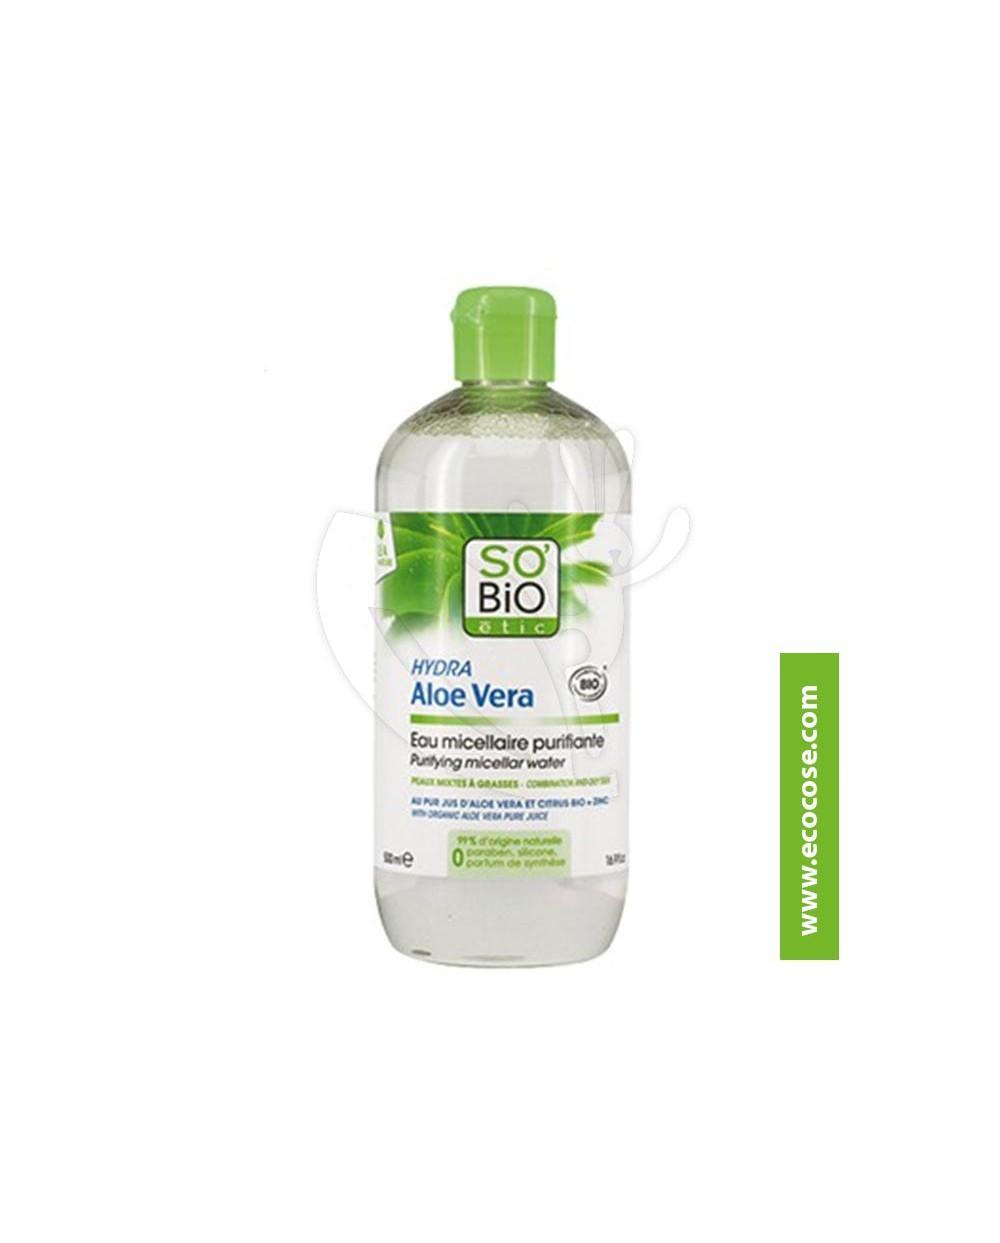 So' Bio Étic - Aloe Vera - Acqua Micellare PURIFICANTE